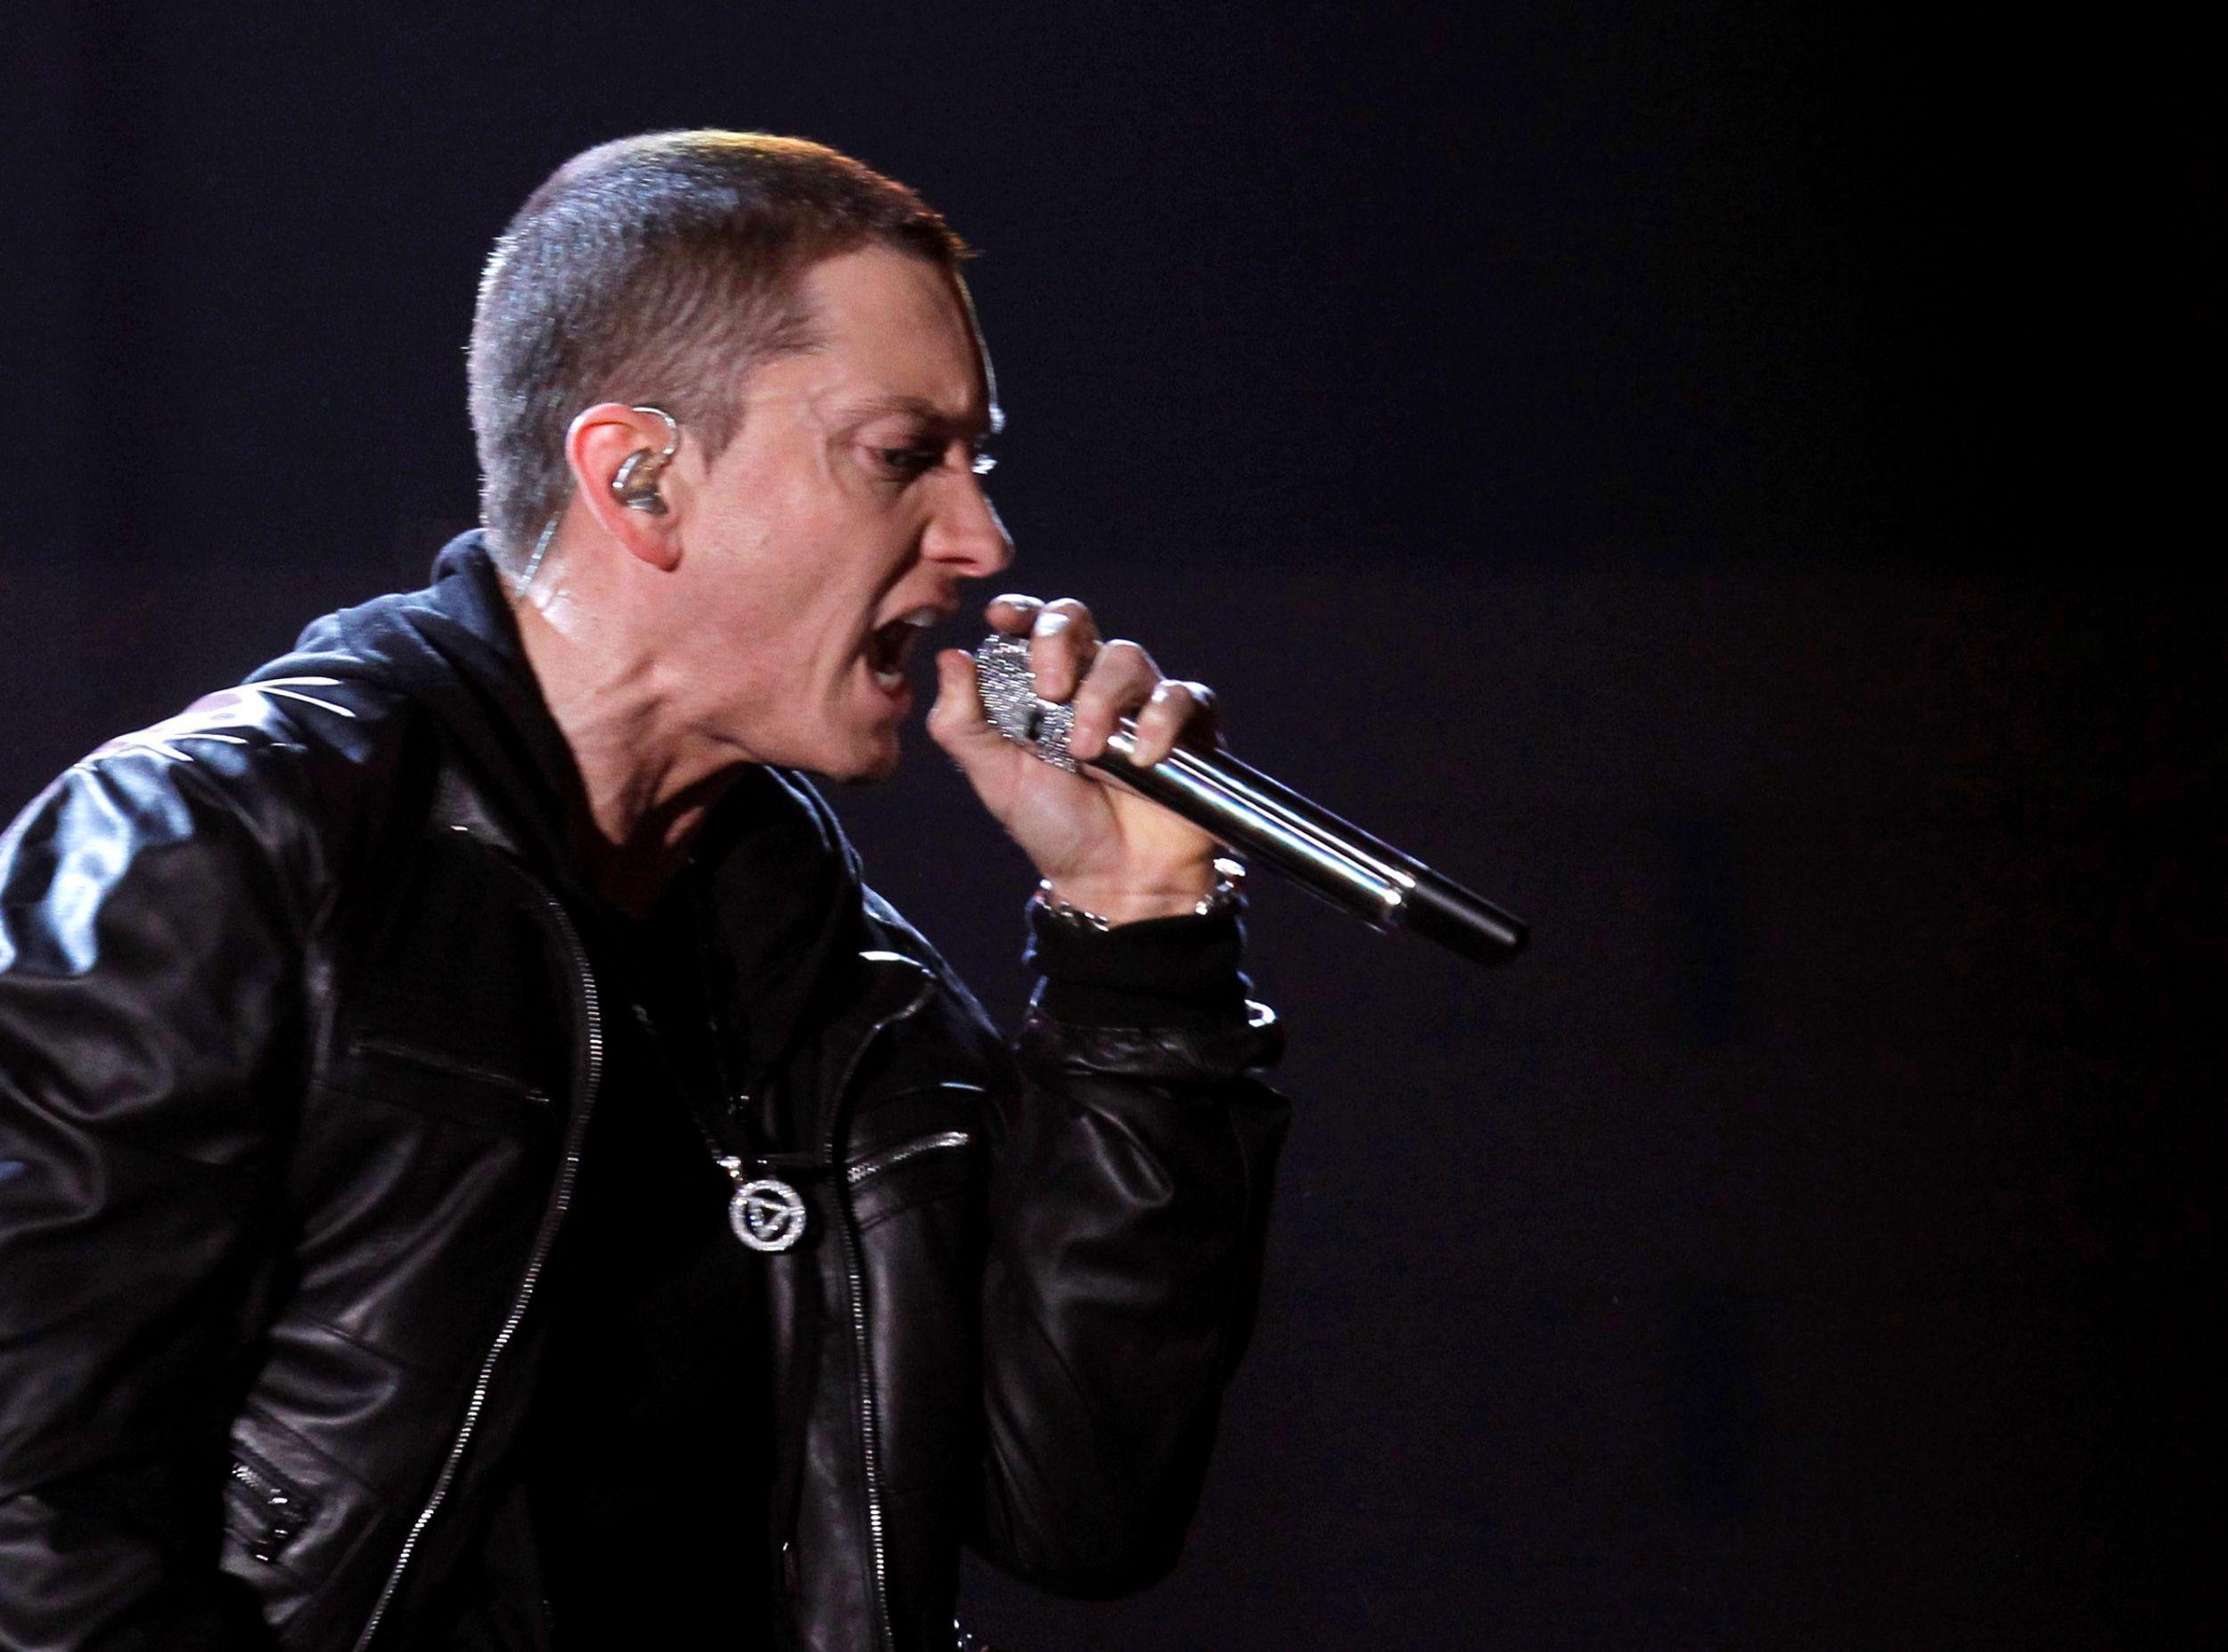 Eminem Hd Images download best HD   digitalimagemakerworldcom 2500x1854